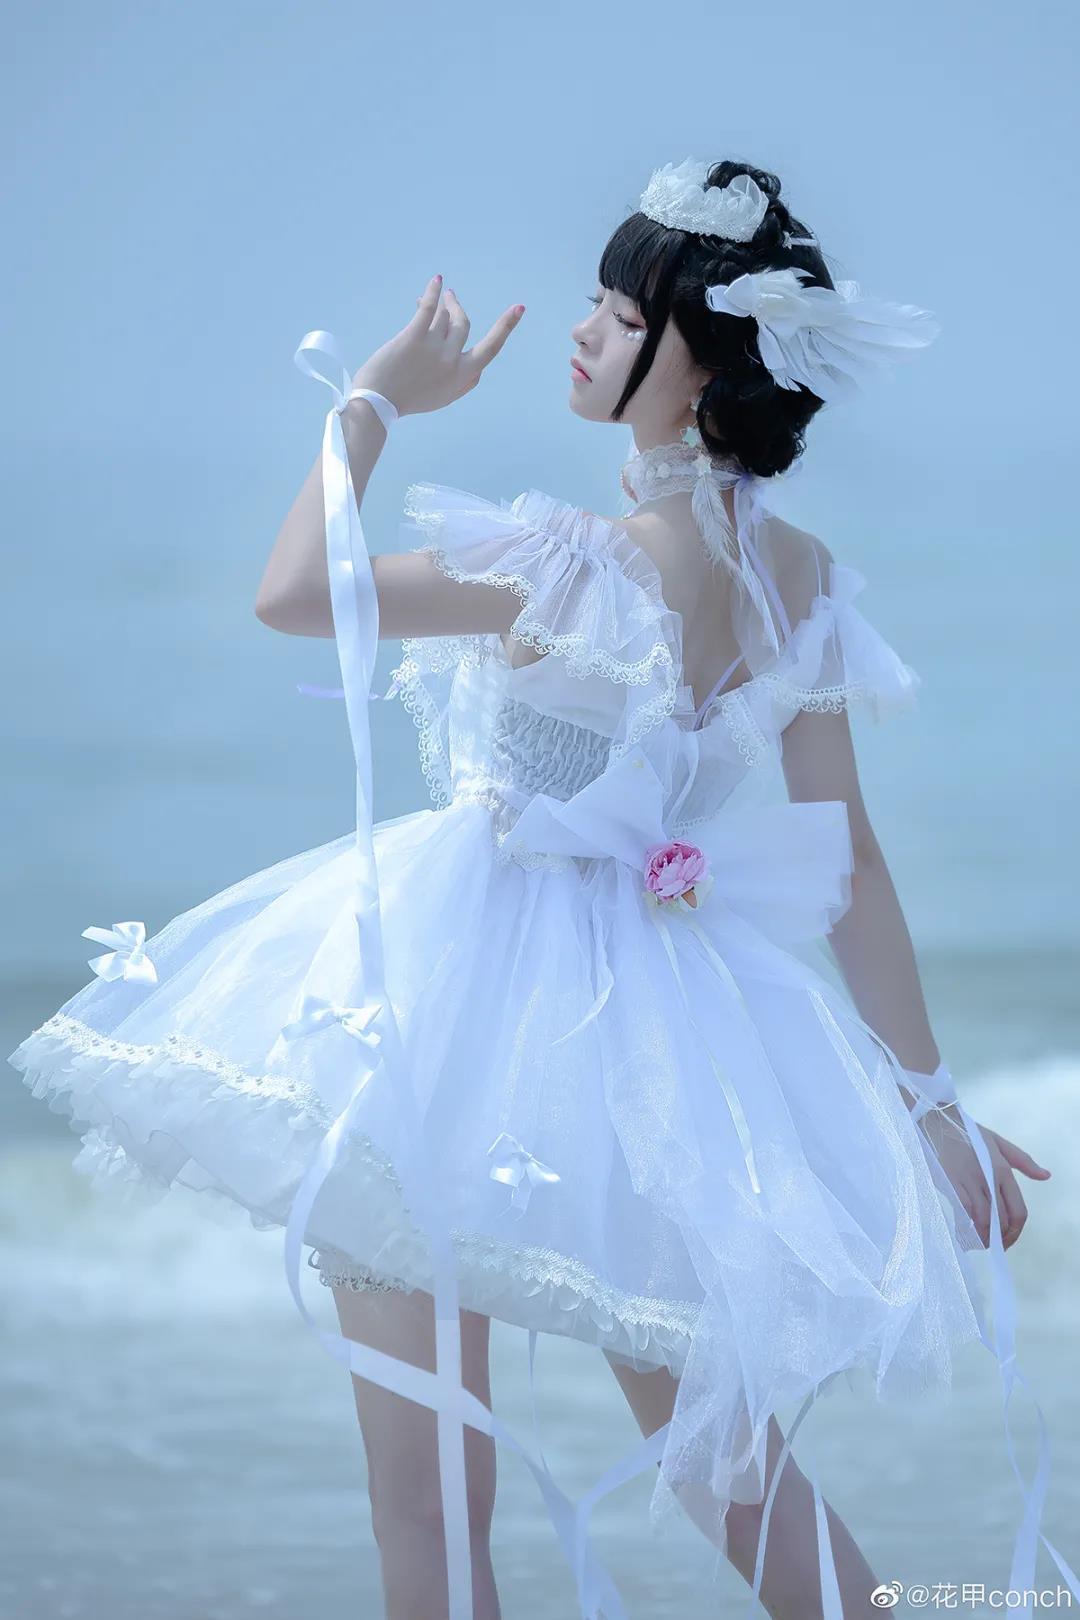 花甲conch白色洛丽塔写真,海边起舞的美少女